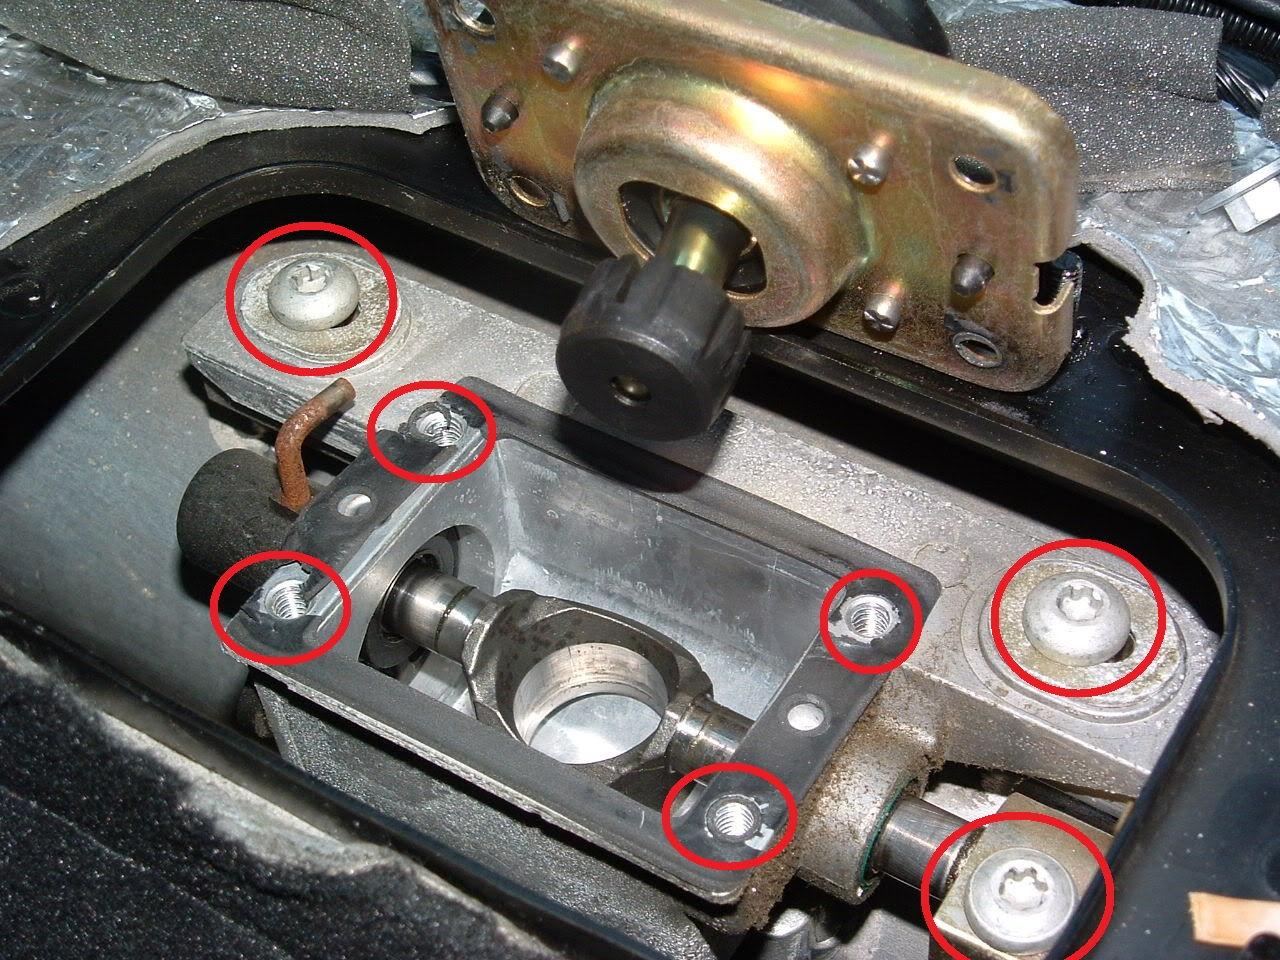 Rebuild Automatic Transmission >> Torque value for c5 shifter assembly? - CorvetteForum - Chevrolet Corvette Forum Discussion